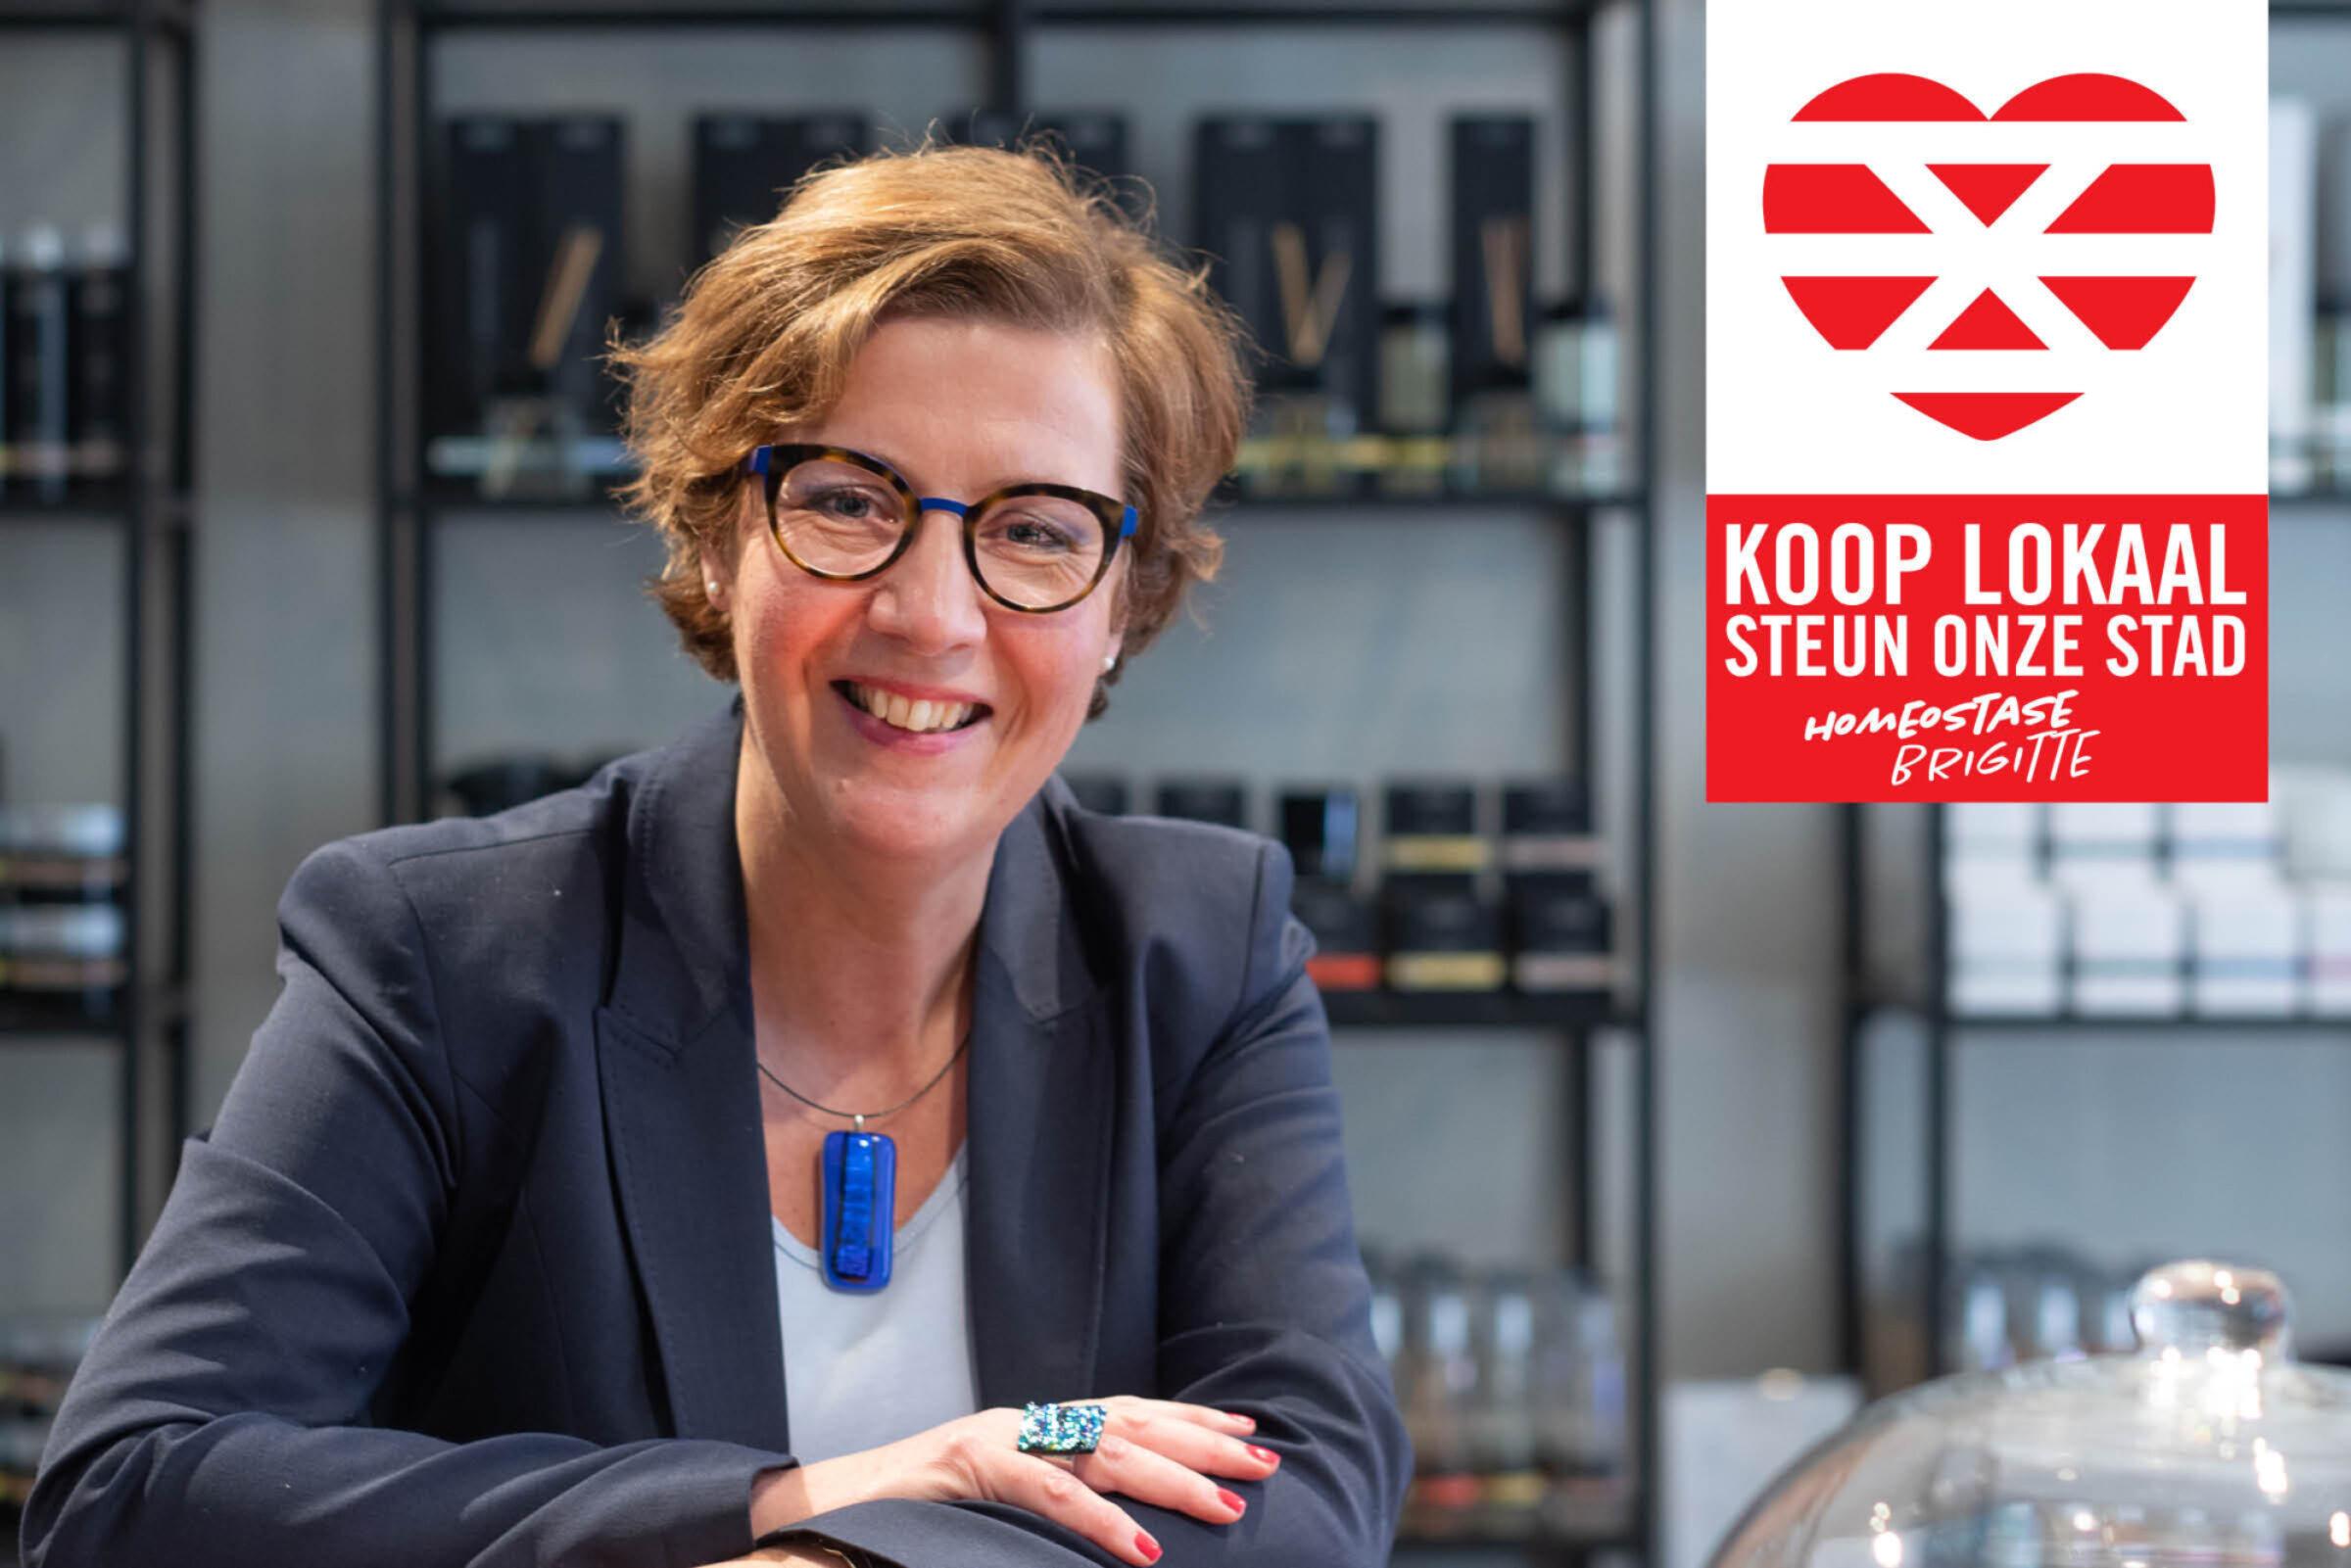 Steun onze stad Koop lokaal Enschede Homeostase Brigitte